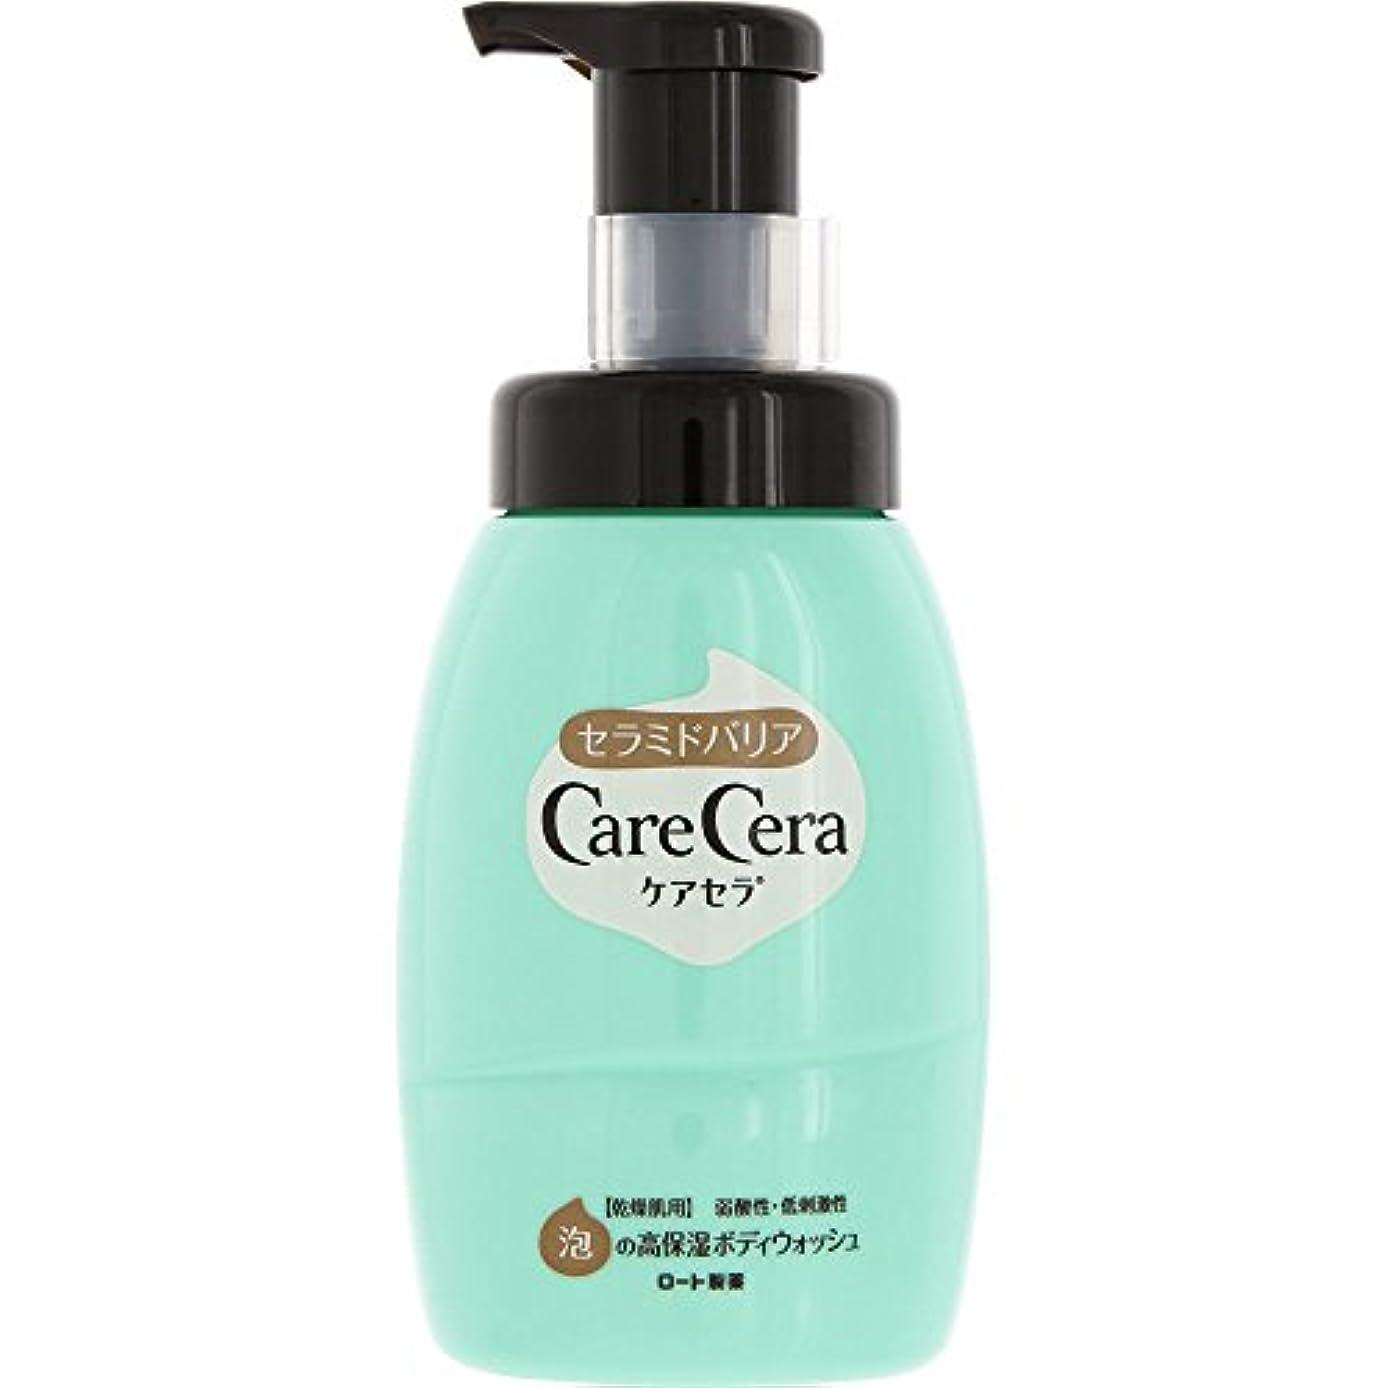 不運パッケージ豊かなCareCera(ケアセラ) 泡の高保湿 ボディウォッシュ 450mL